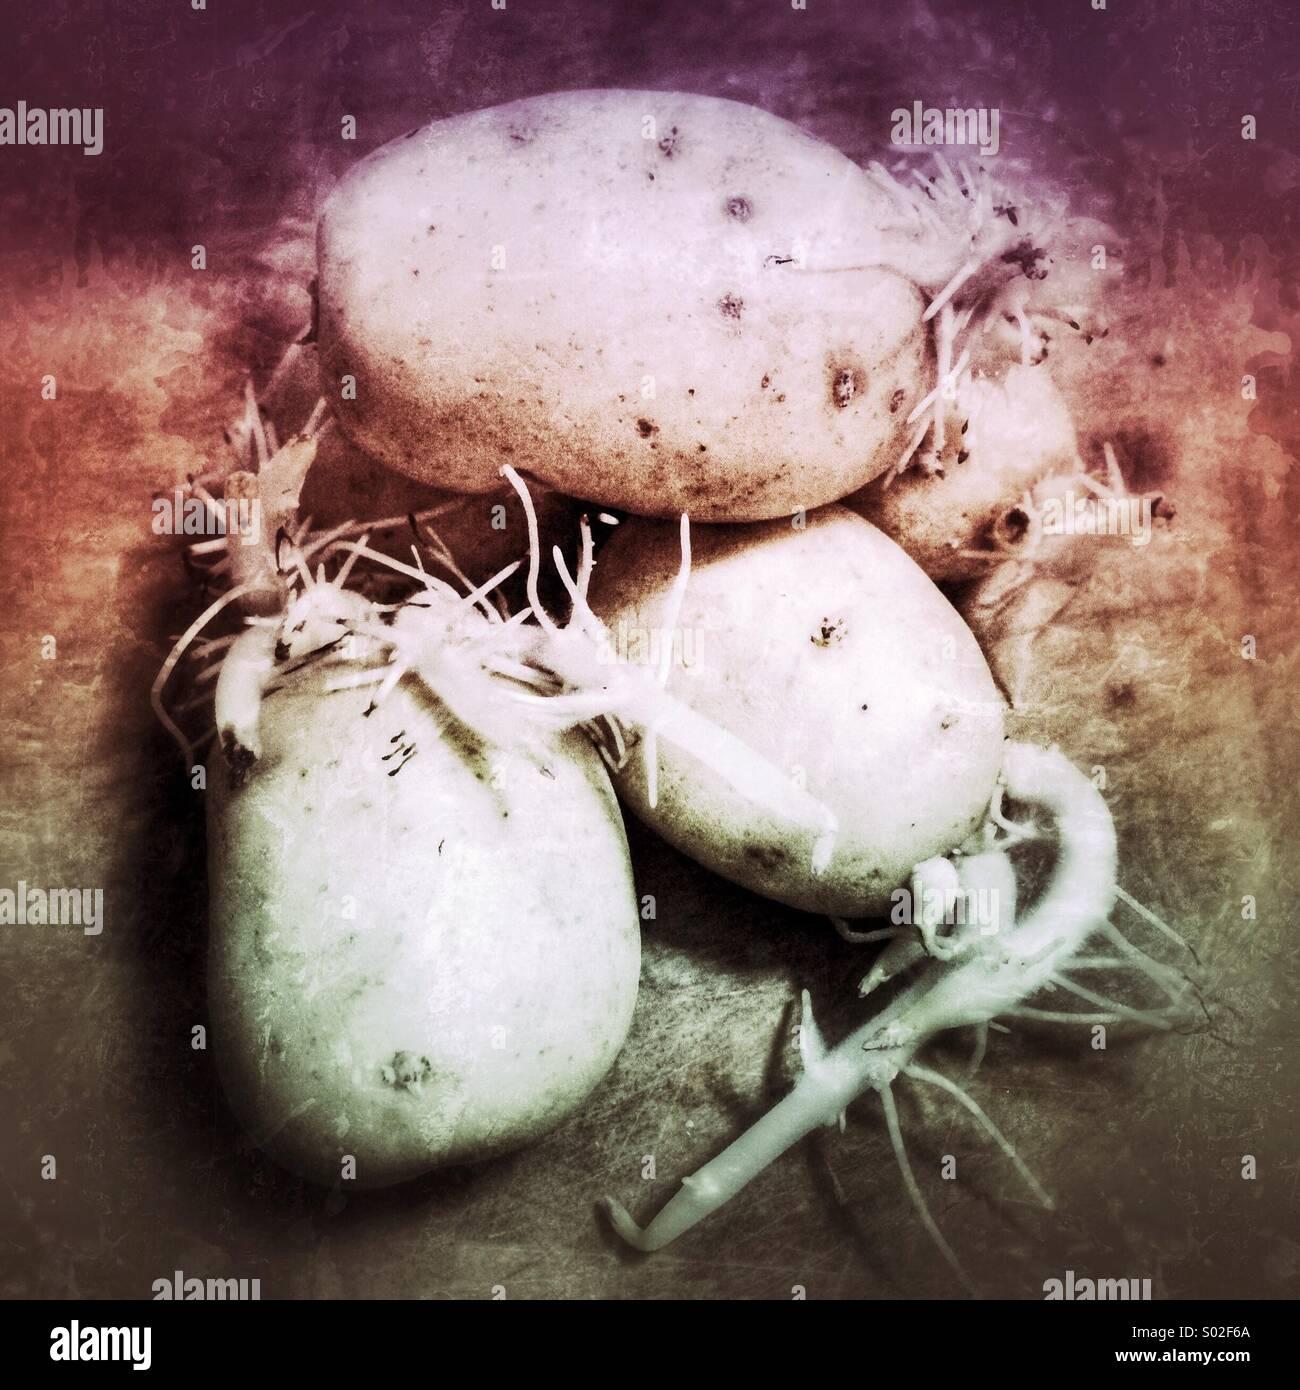 Les pommes de terre germées Photo Stock